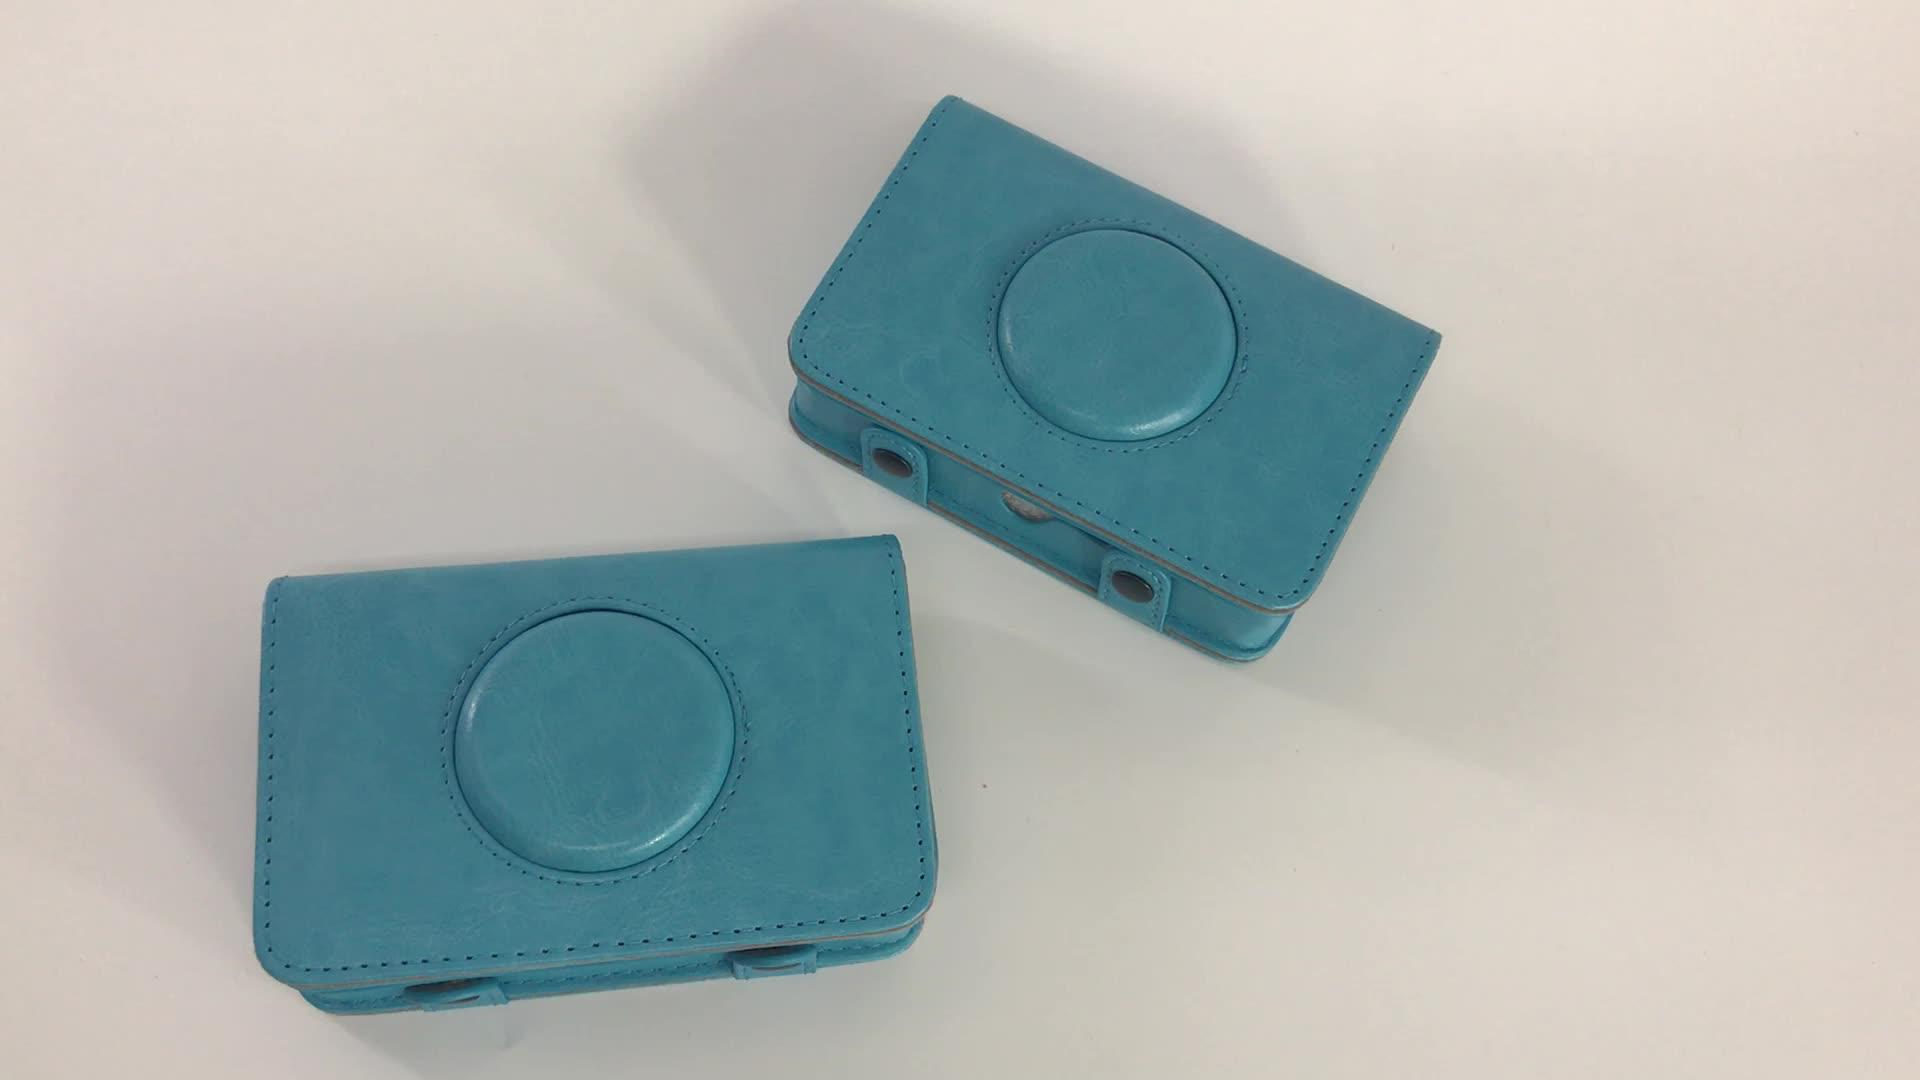 Mini di colore Puro sacchetto dell'unità di elaborazione di protezione custodia per fotocamera Digitale per polaroid Snap macchina fotografica Istantanea